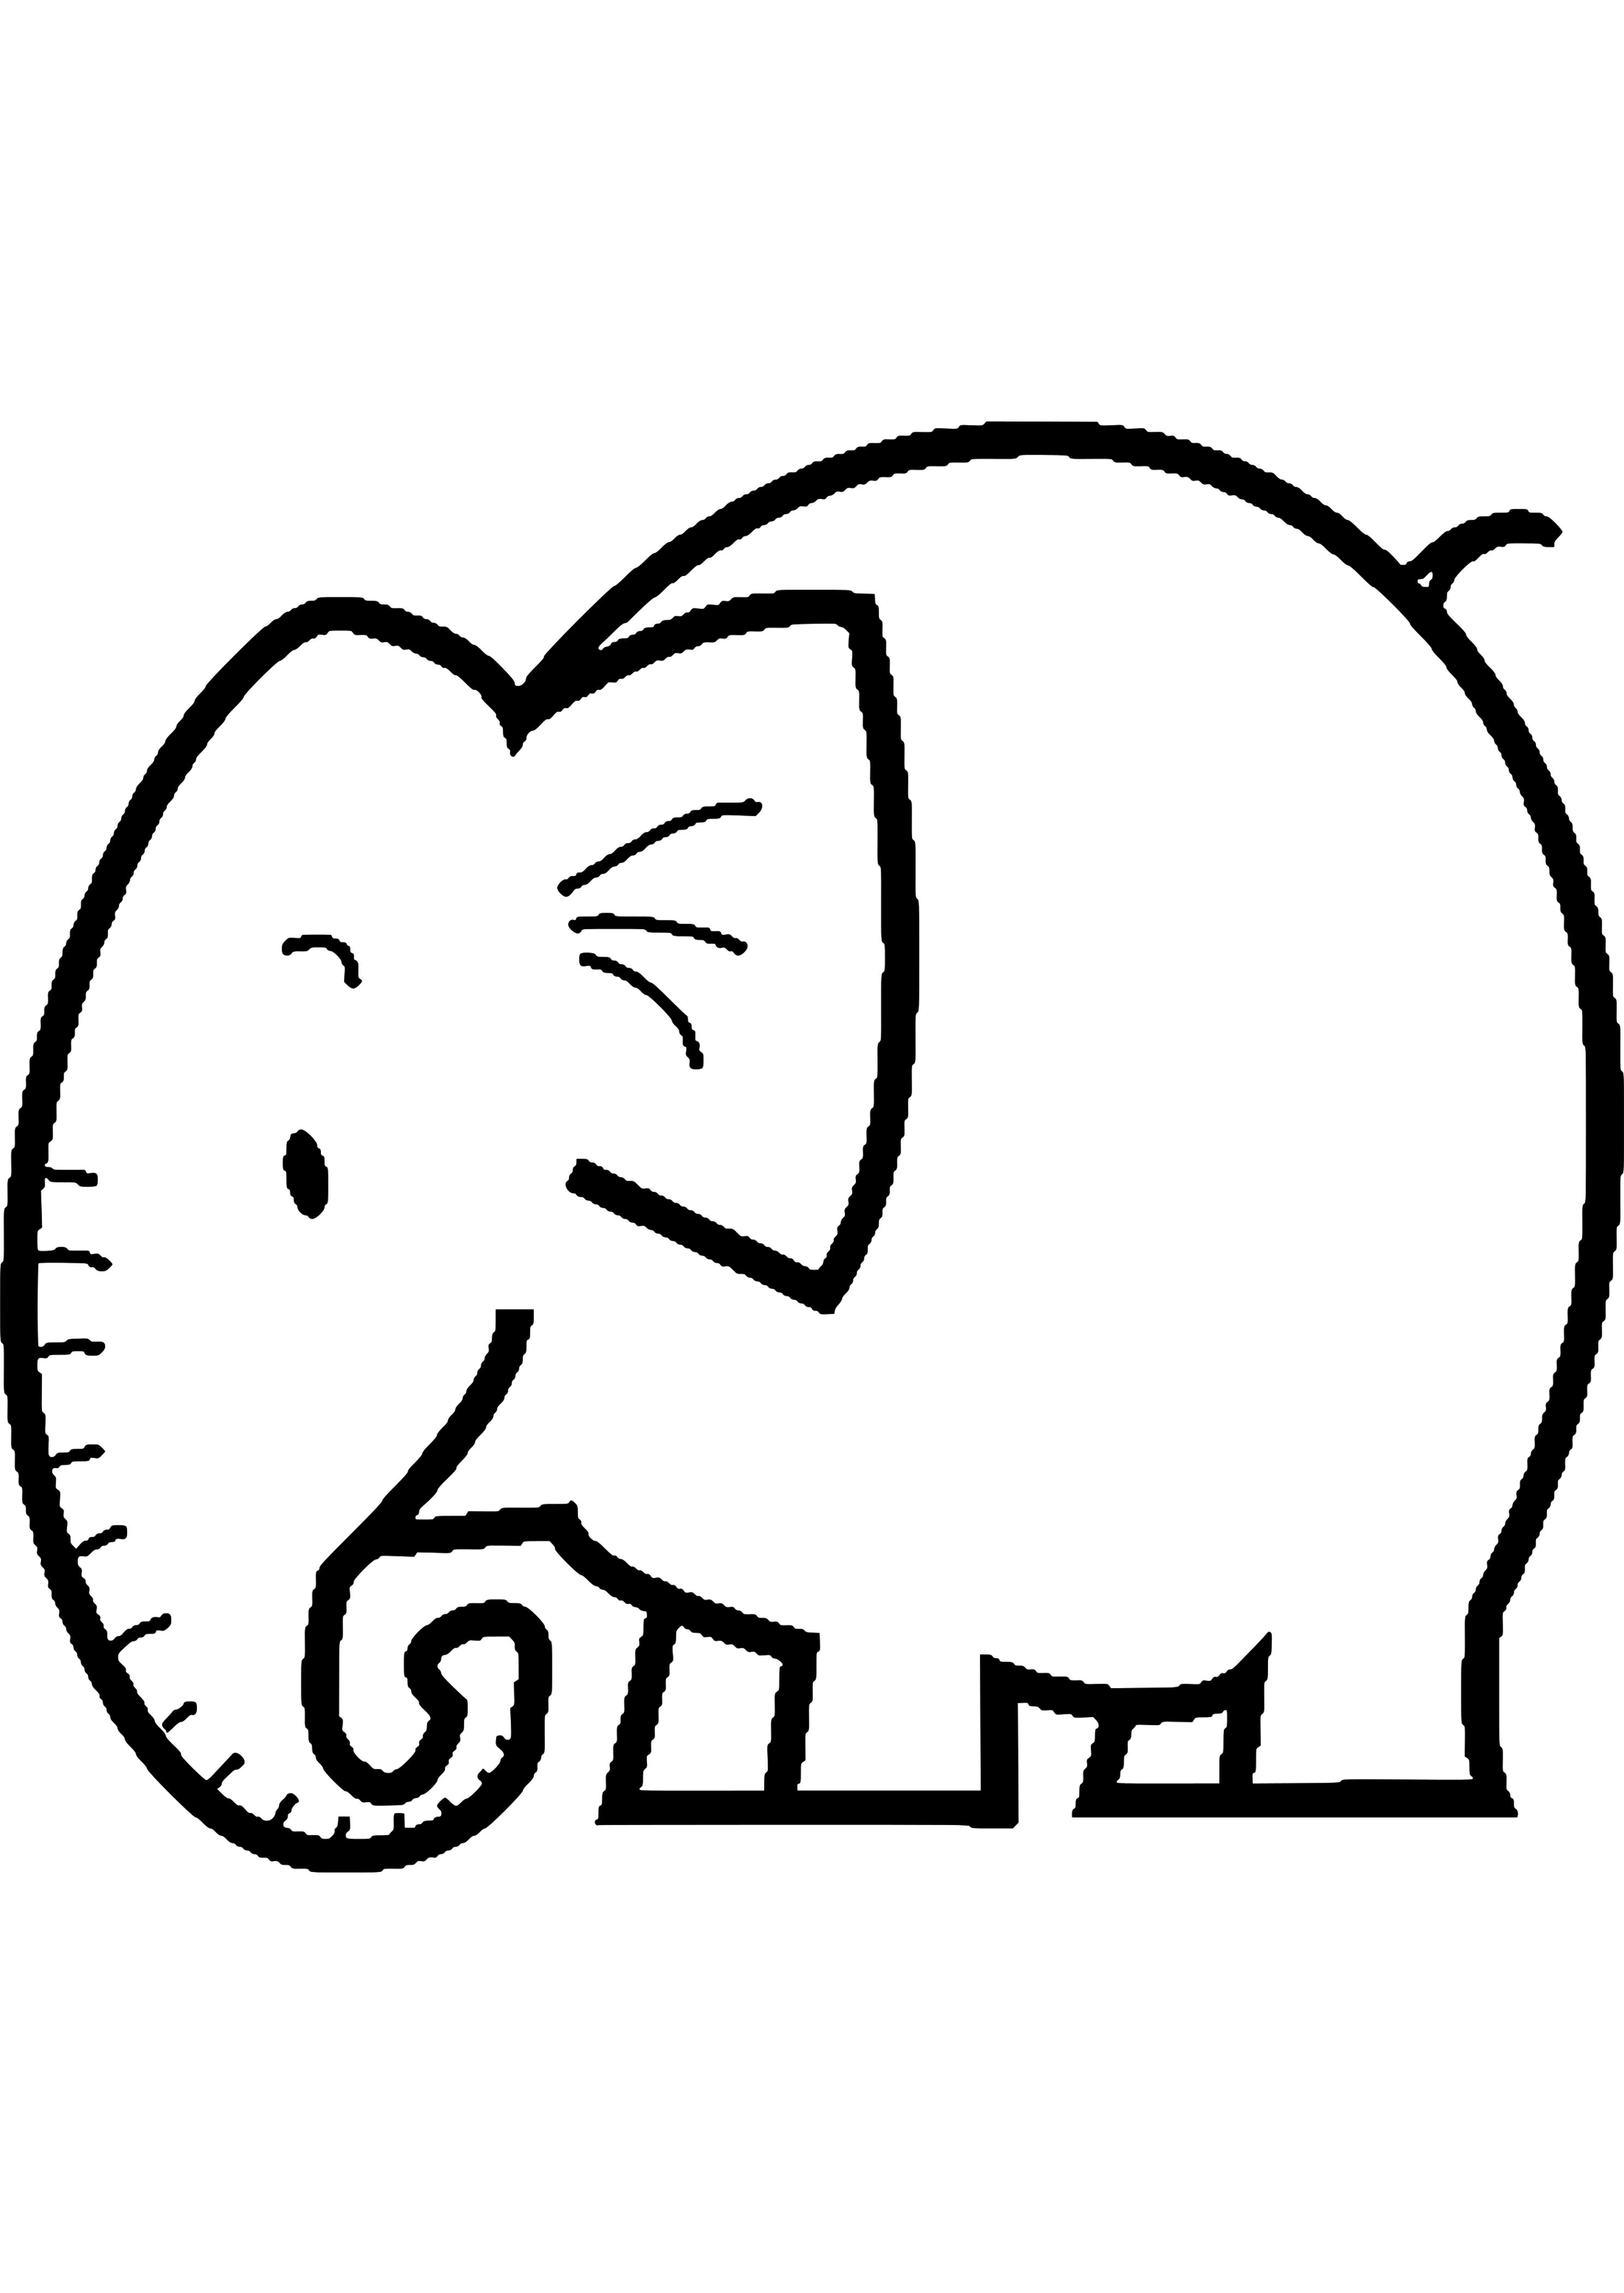 R sultat de recherche d 39 images pour elephant dessin - Elephant image dessin ...